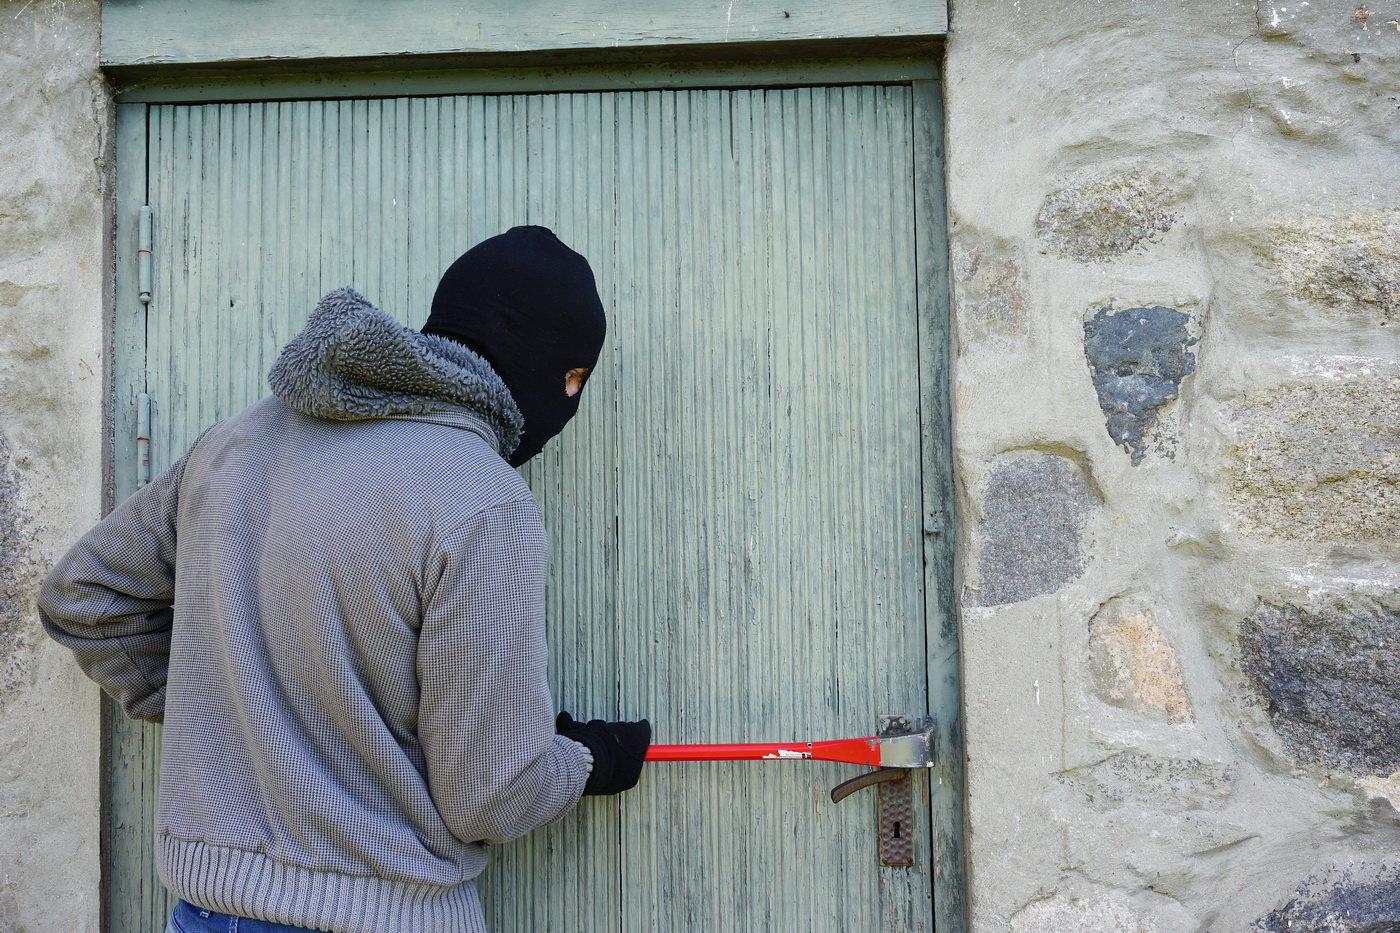 Vztah mezi počasím a zloději? Vědci objevili nečekané spojitosti - anotační obrázek